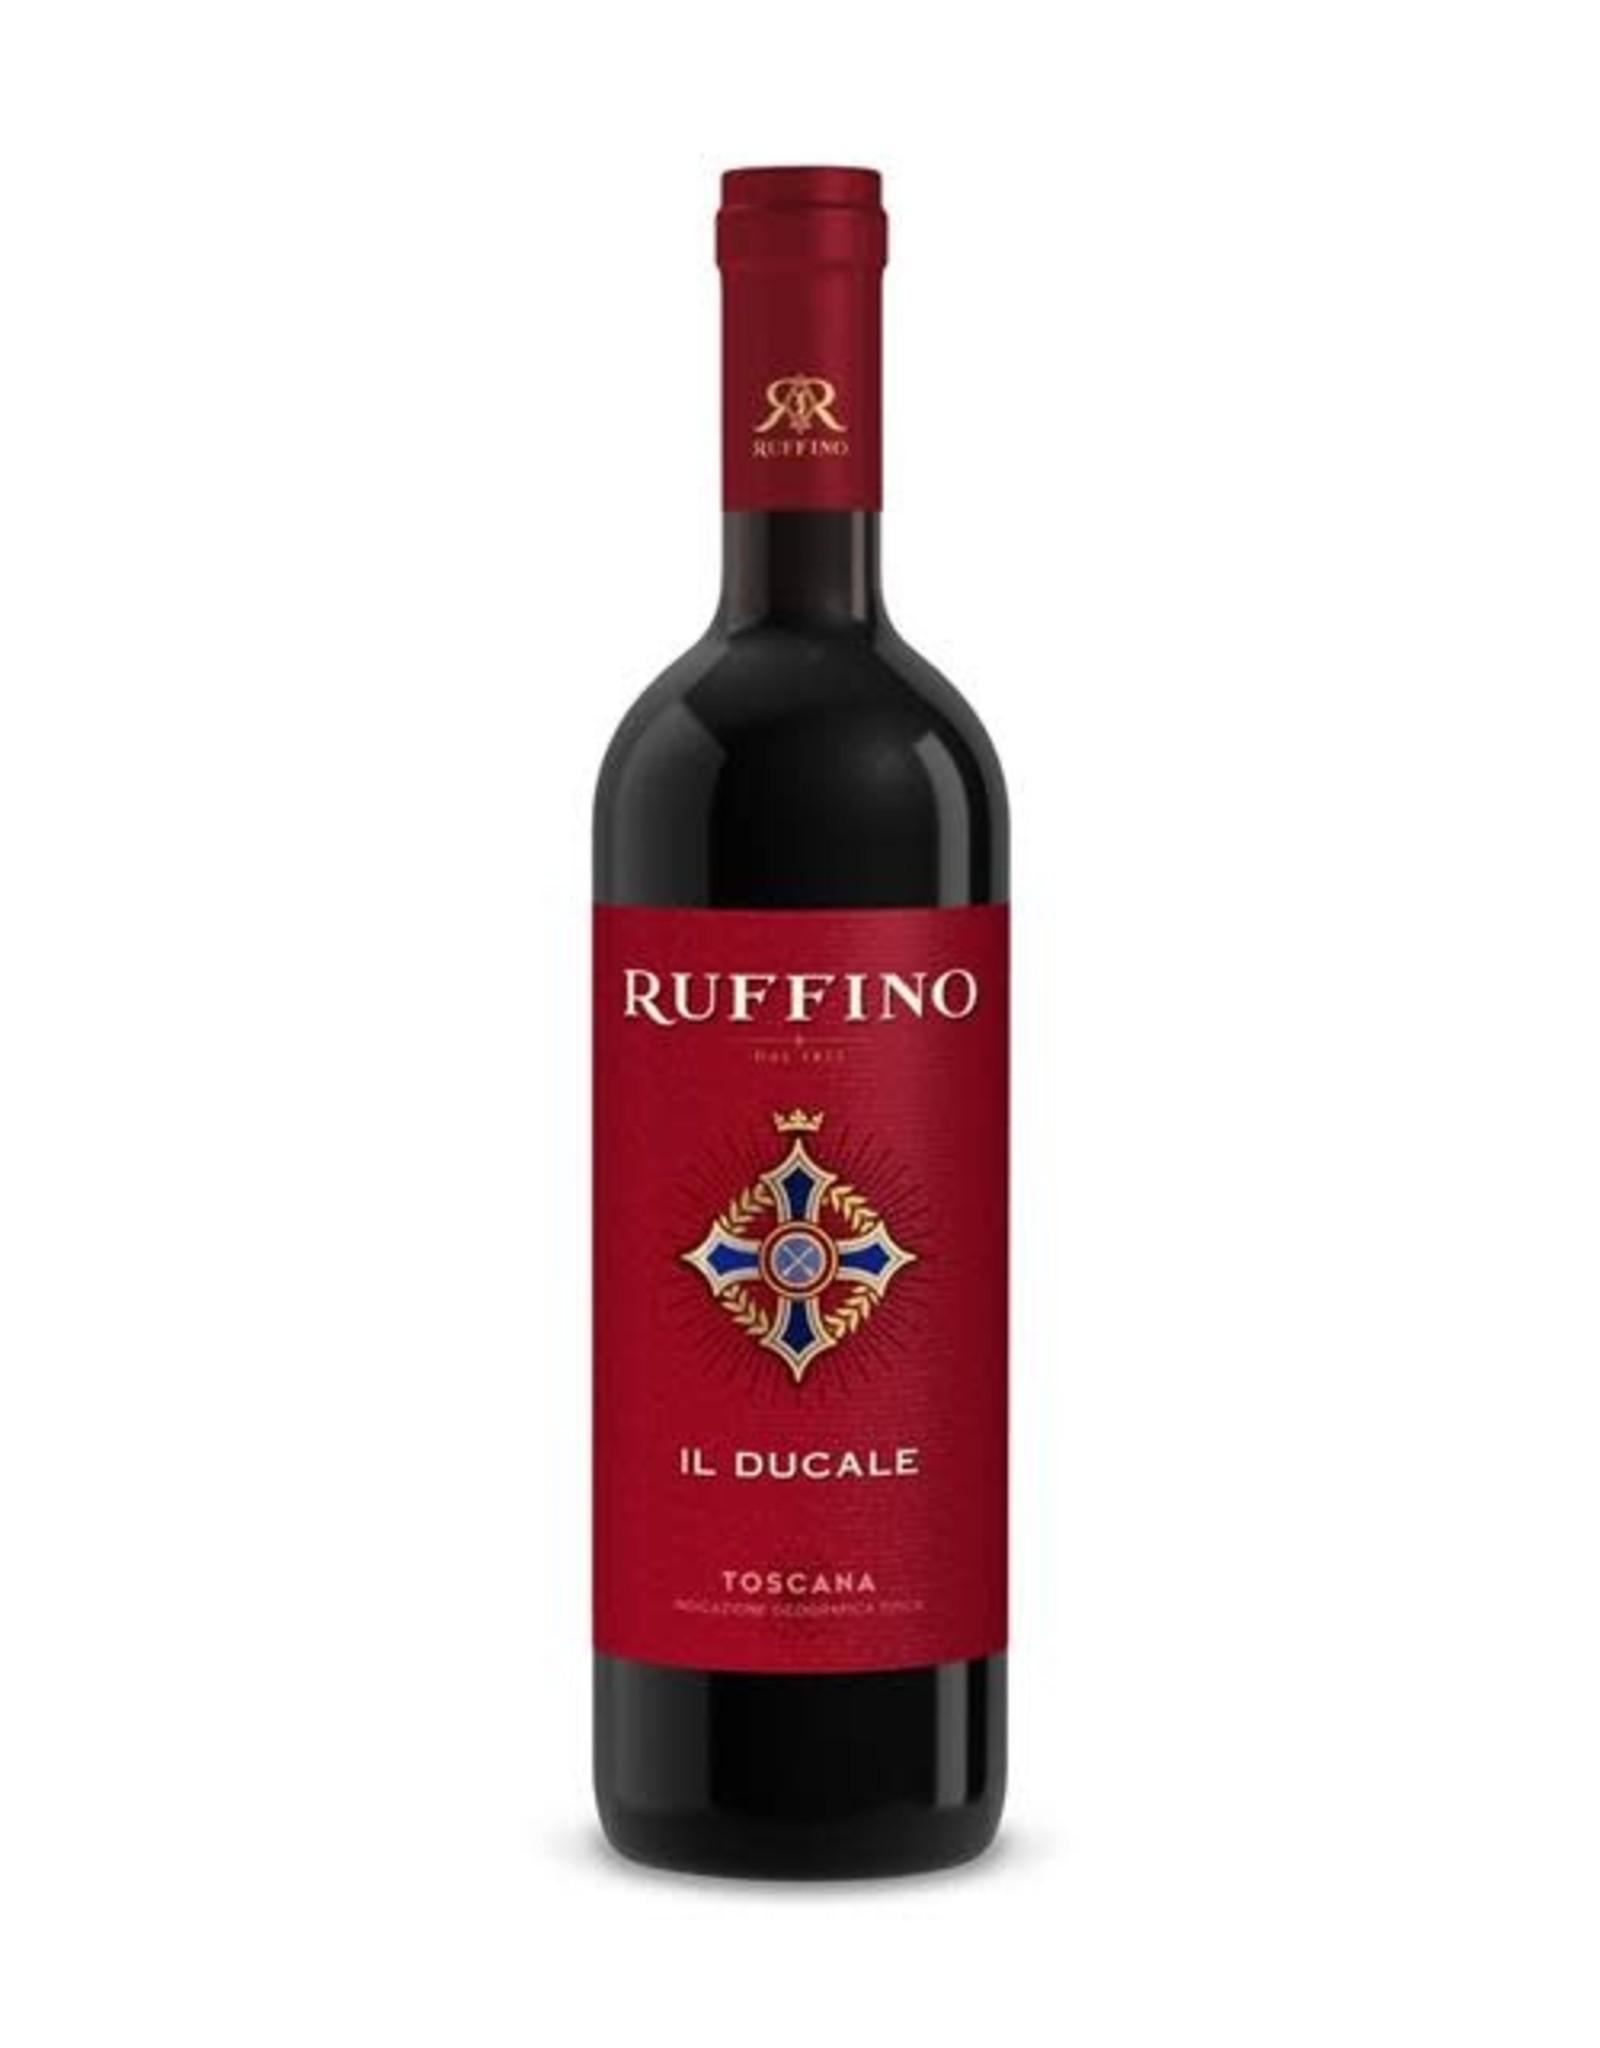 RUFFINO 2016 IL DUCALE 750ML